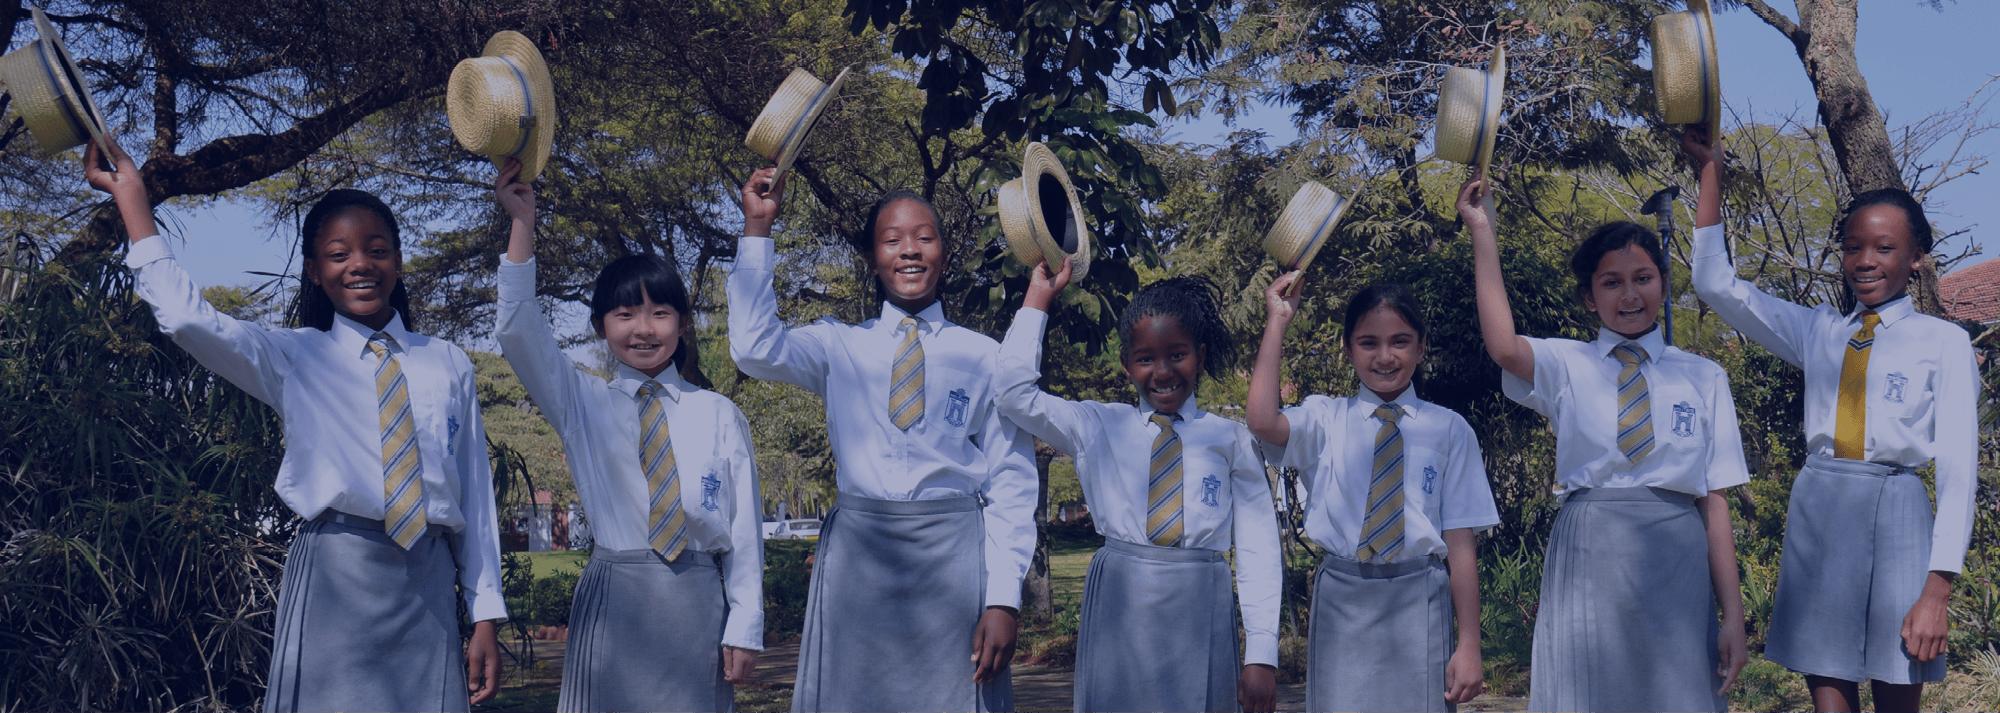 Heritage School - Junior Girls